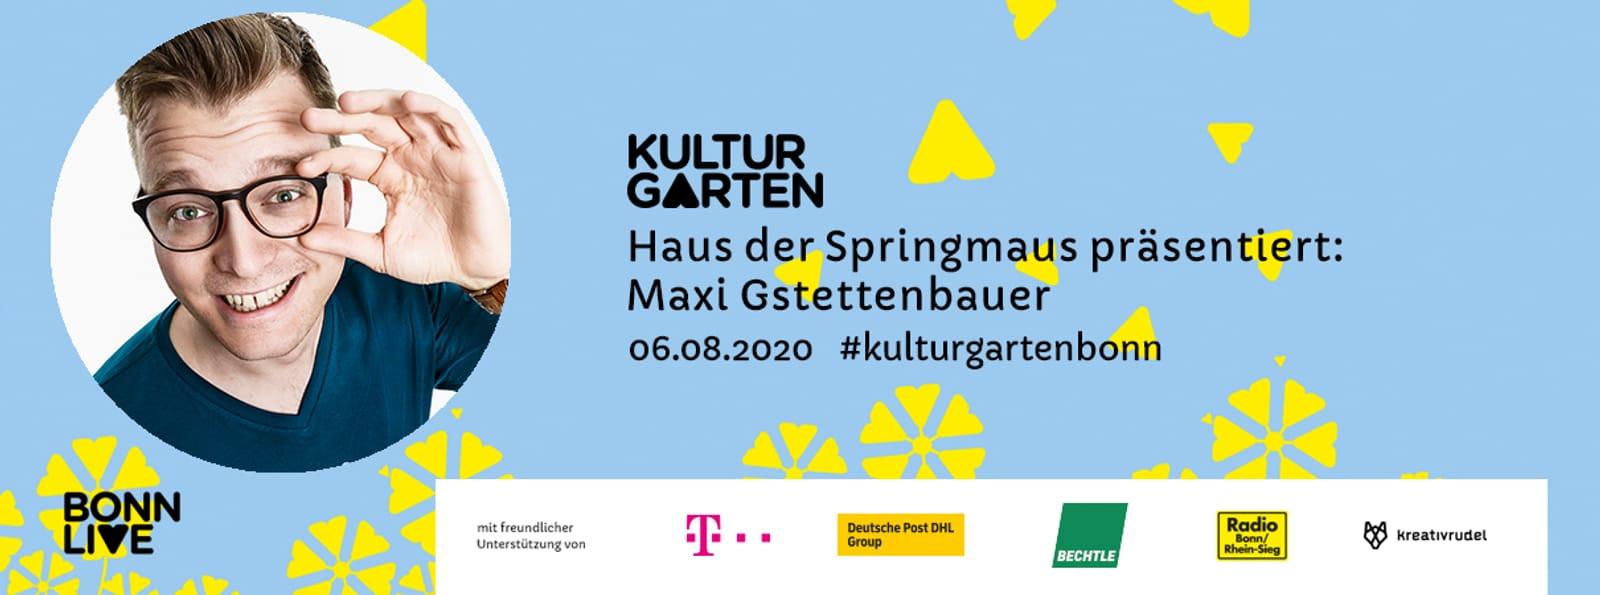 Maxi Gstettenbauer  | BonnLive Kulturgarten